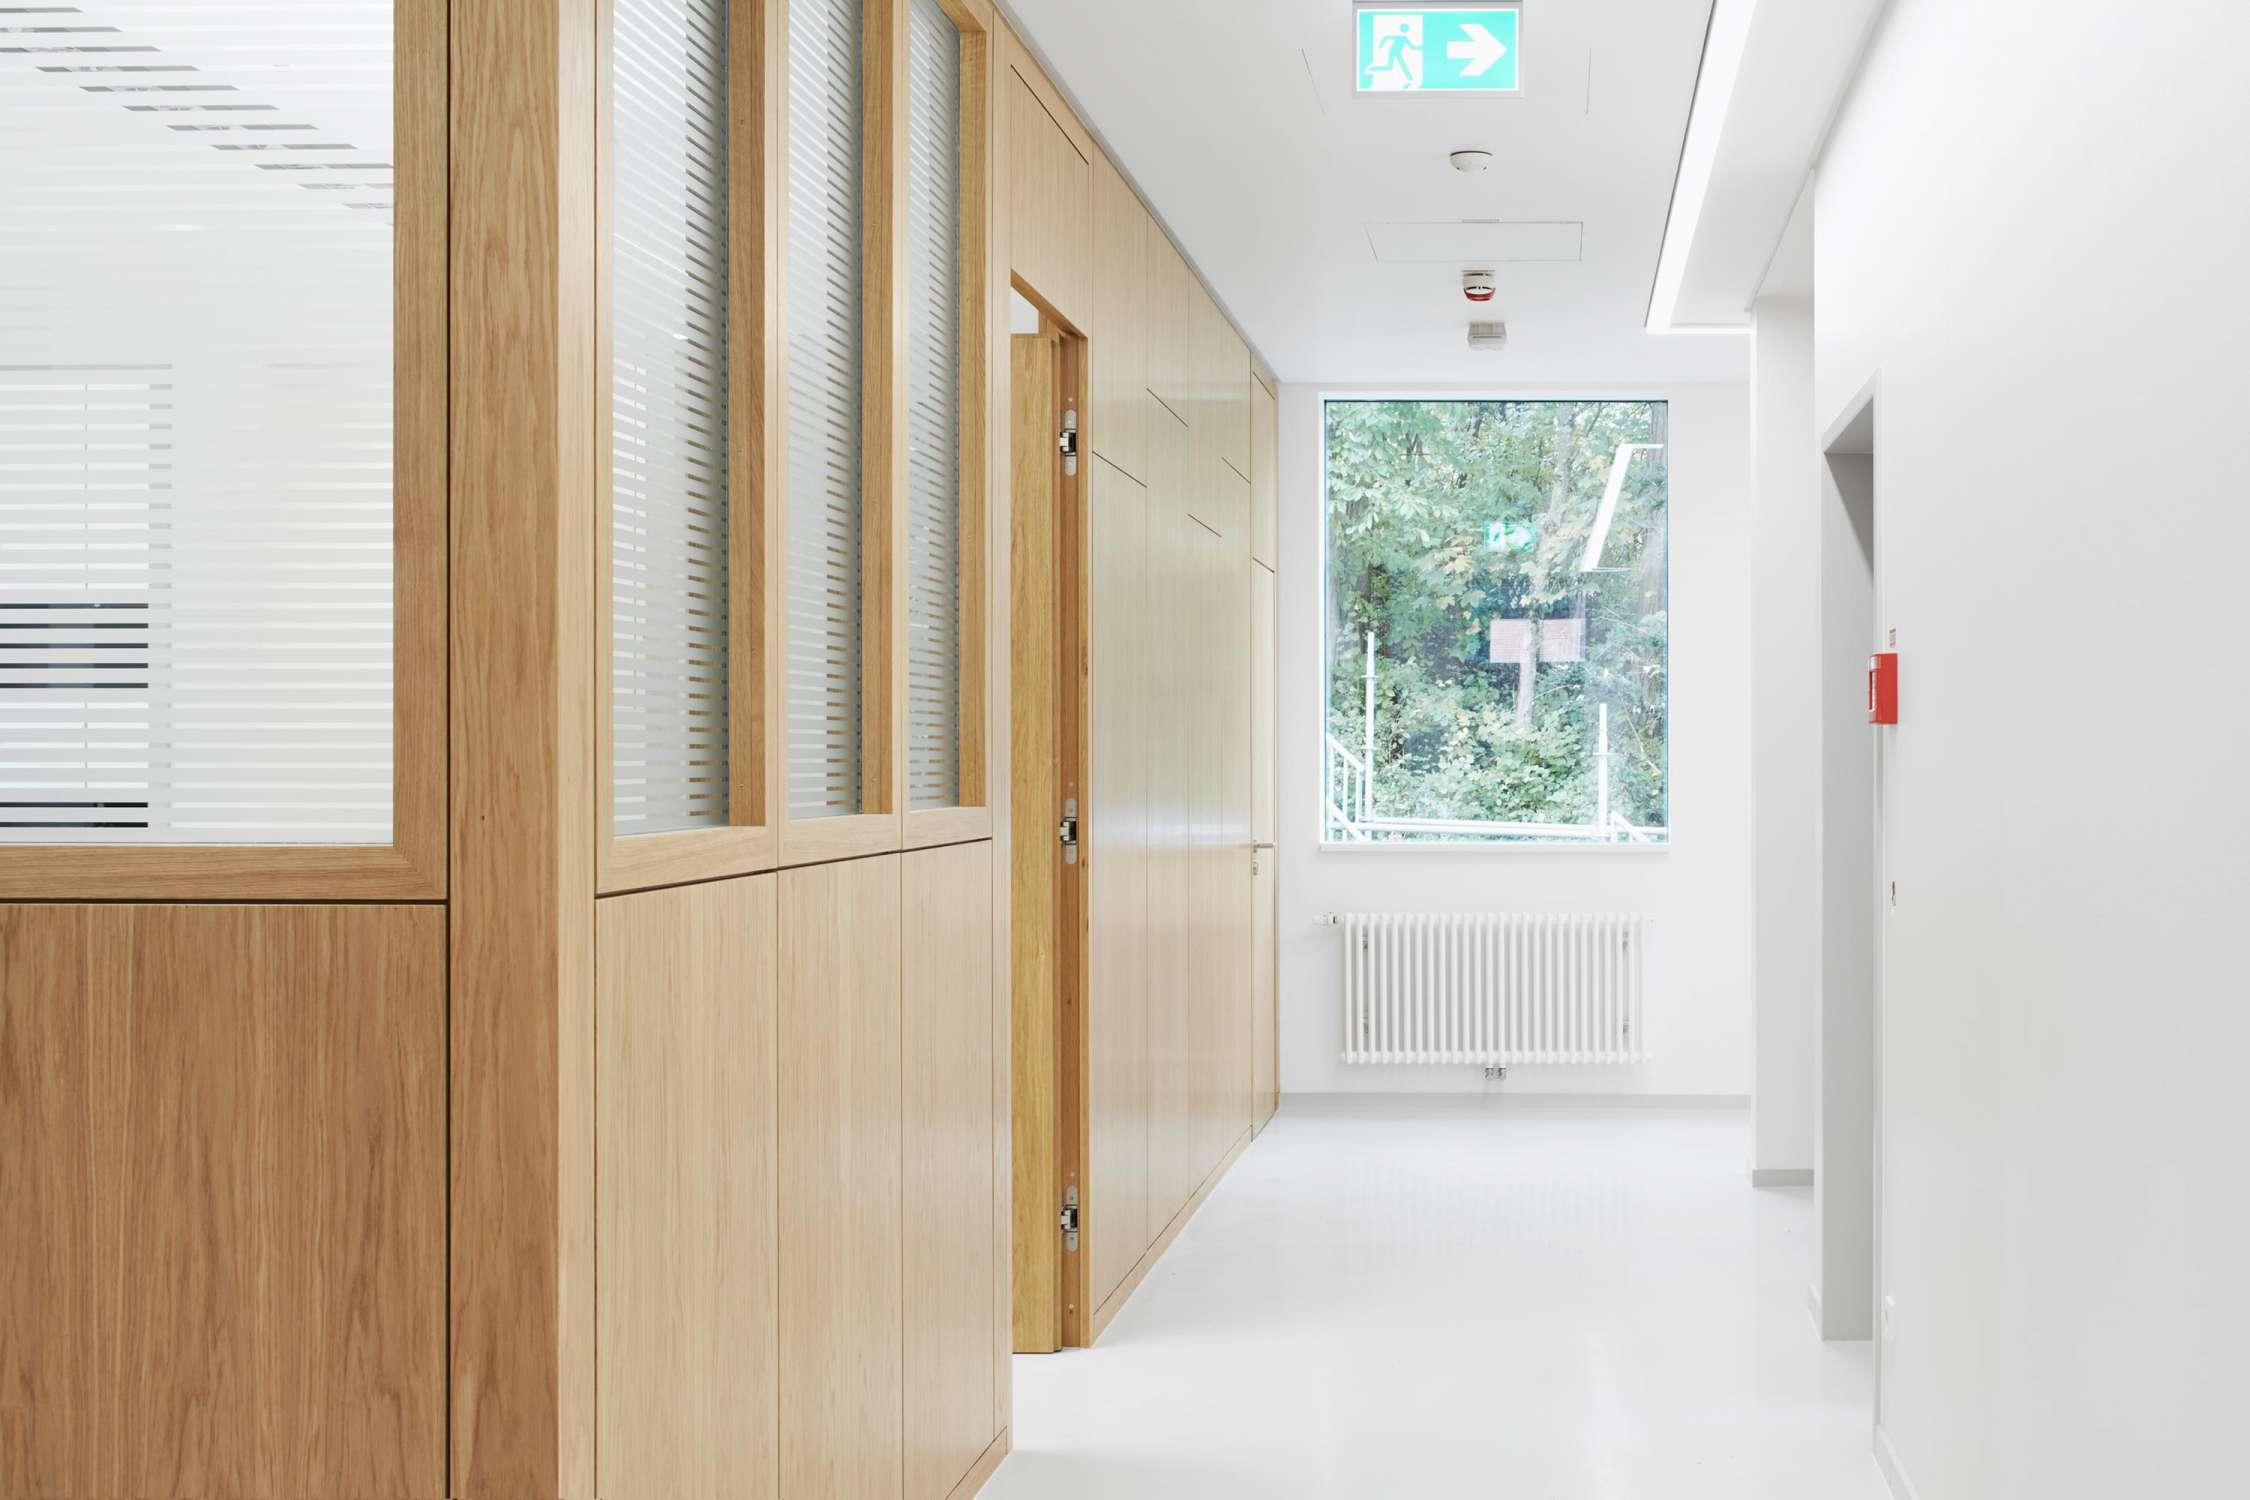 Laborgebäude für präklinische Bildgebung der Werner Siemens-Stiftung (3)